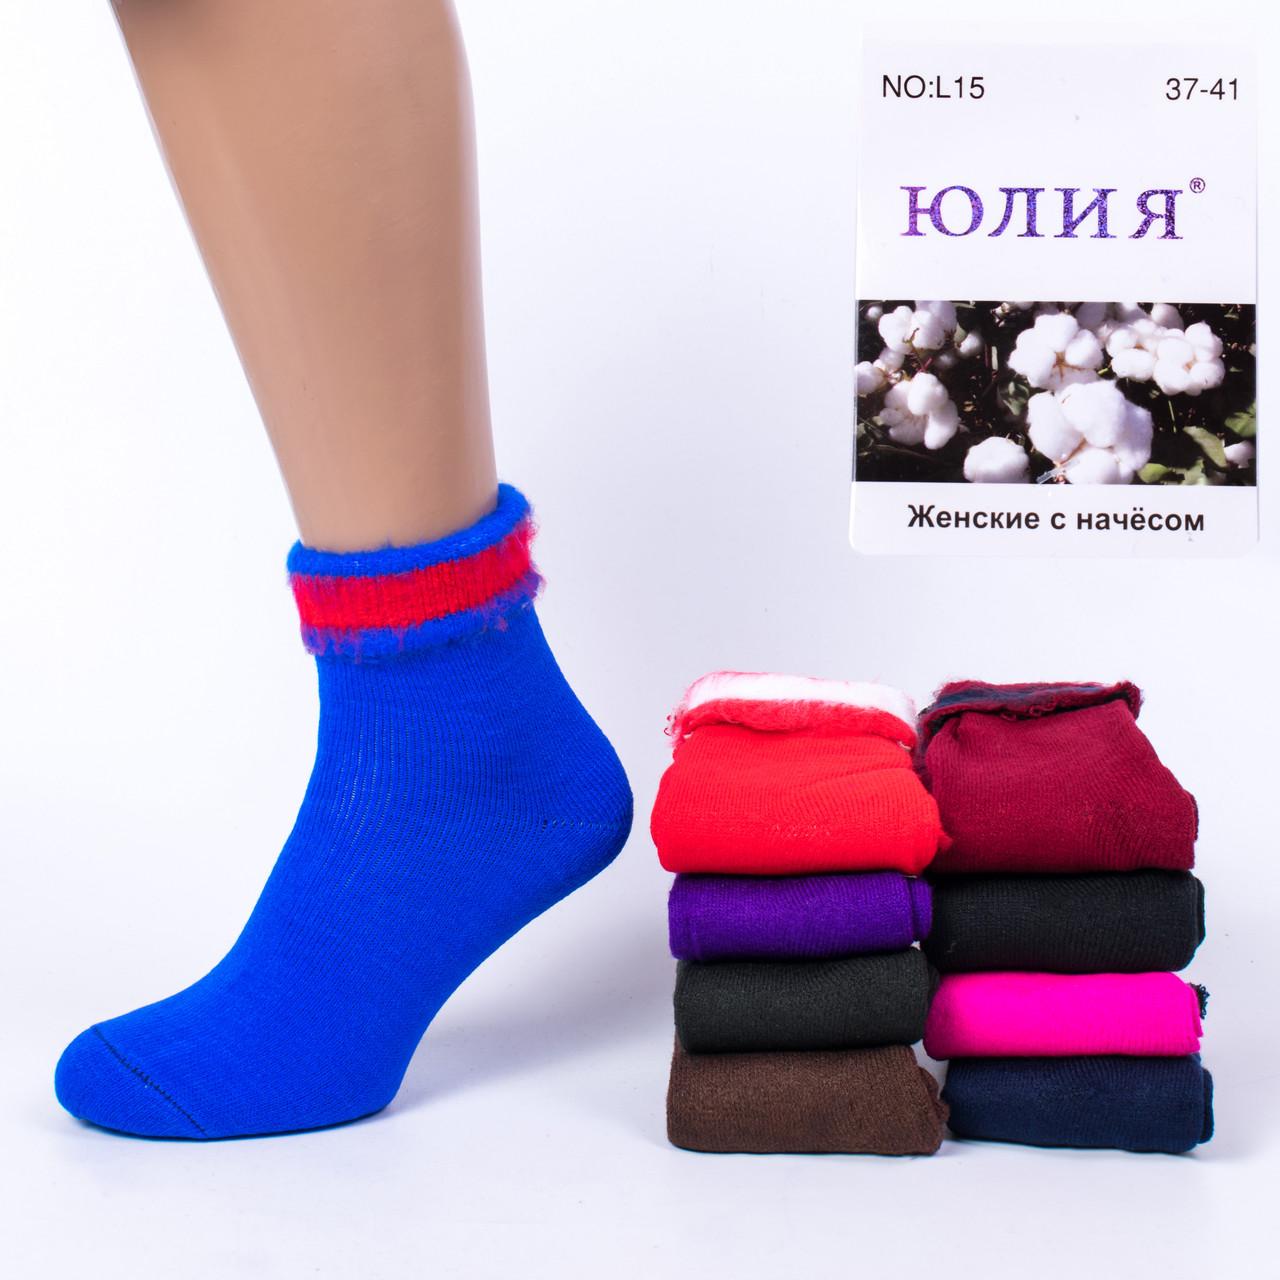 Женские махровые носки с начёсом Юлия L15. В упаковке 12 пар